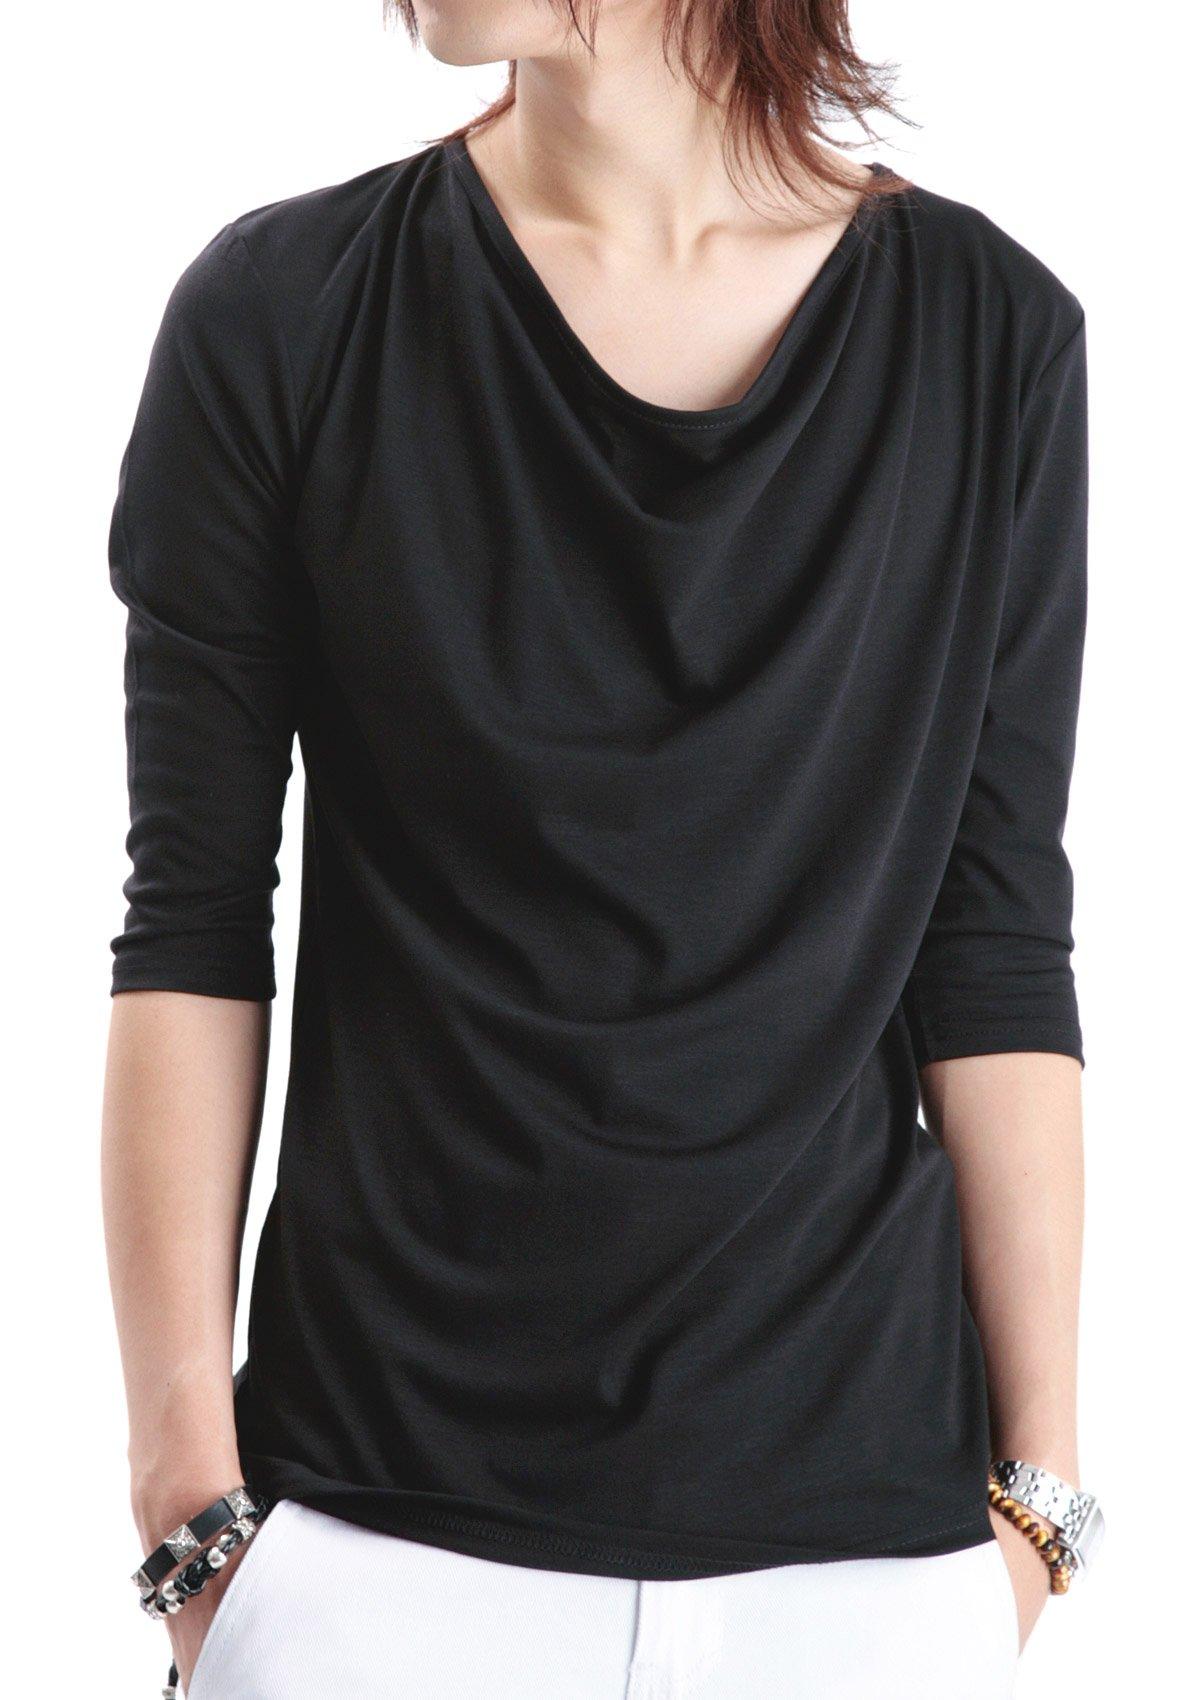 (ロシェル)roshell ドレープ7分袖Tシャツ メンズ Tシャツ メンズ カットソー メンズ